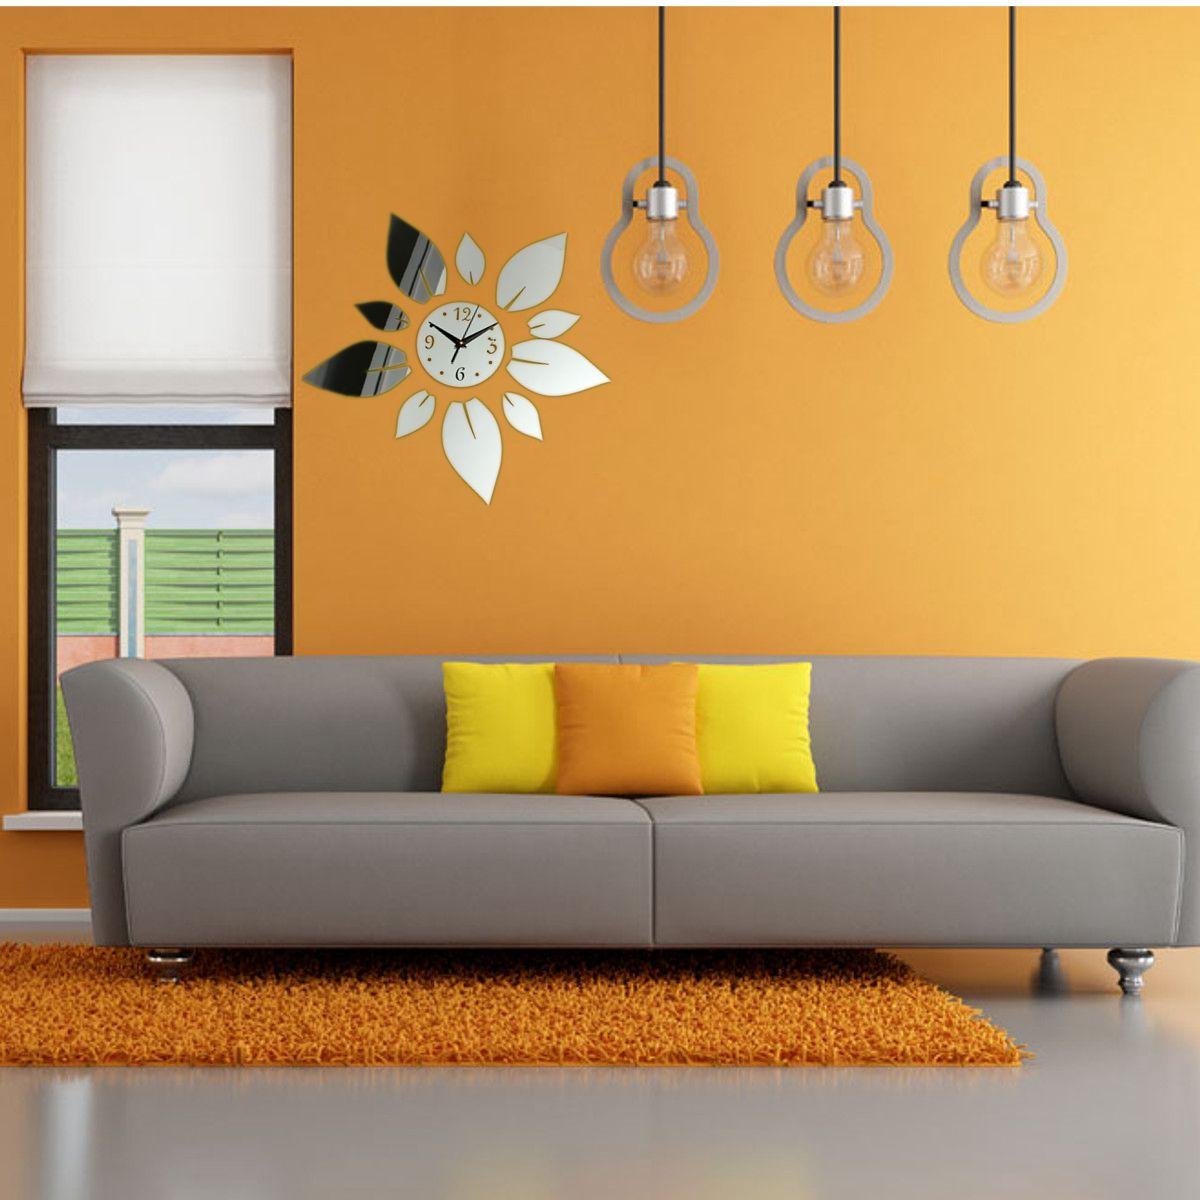 moderne wanduhr wandtattoo wohnzimmer wand uhr spiegel blumen design geschenk ebay. Black Bedroom Furniture Sets. Home Design Ideas